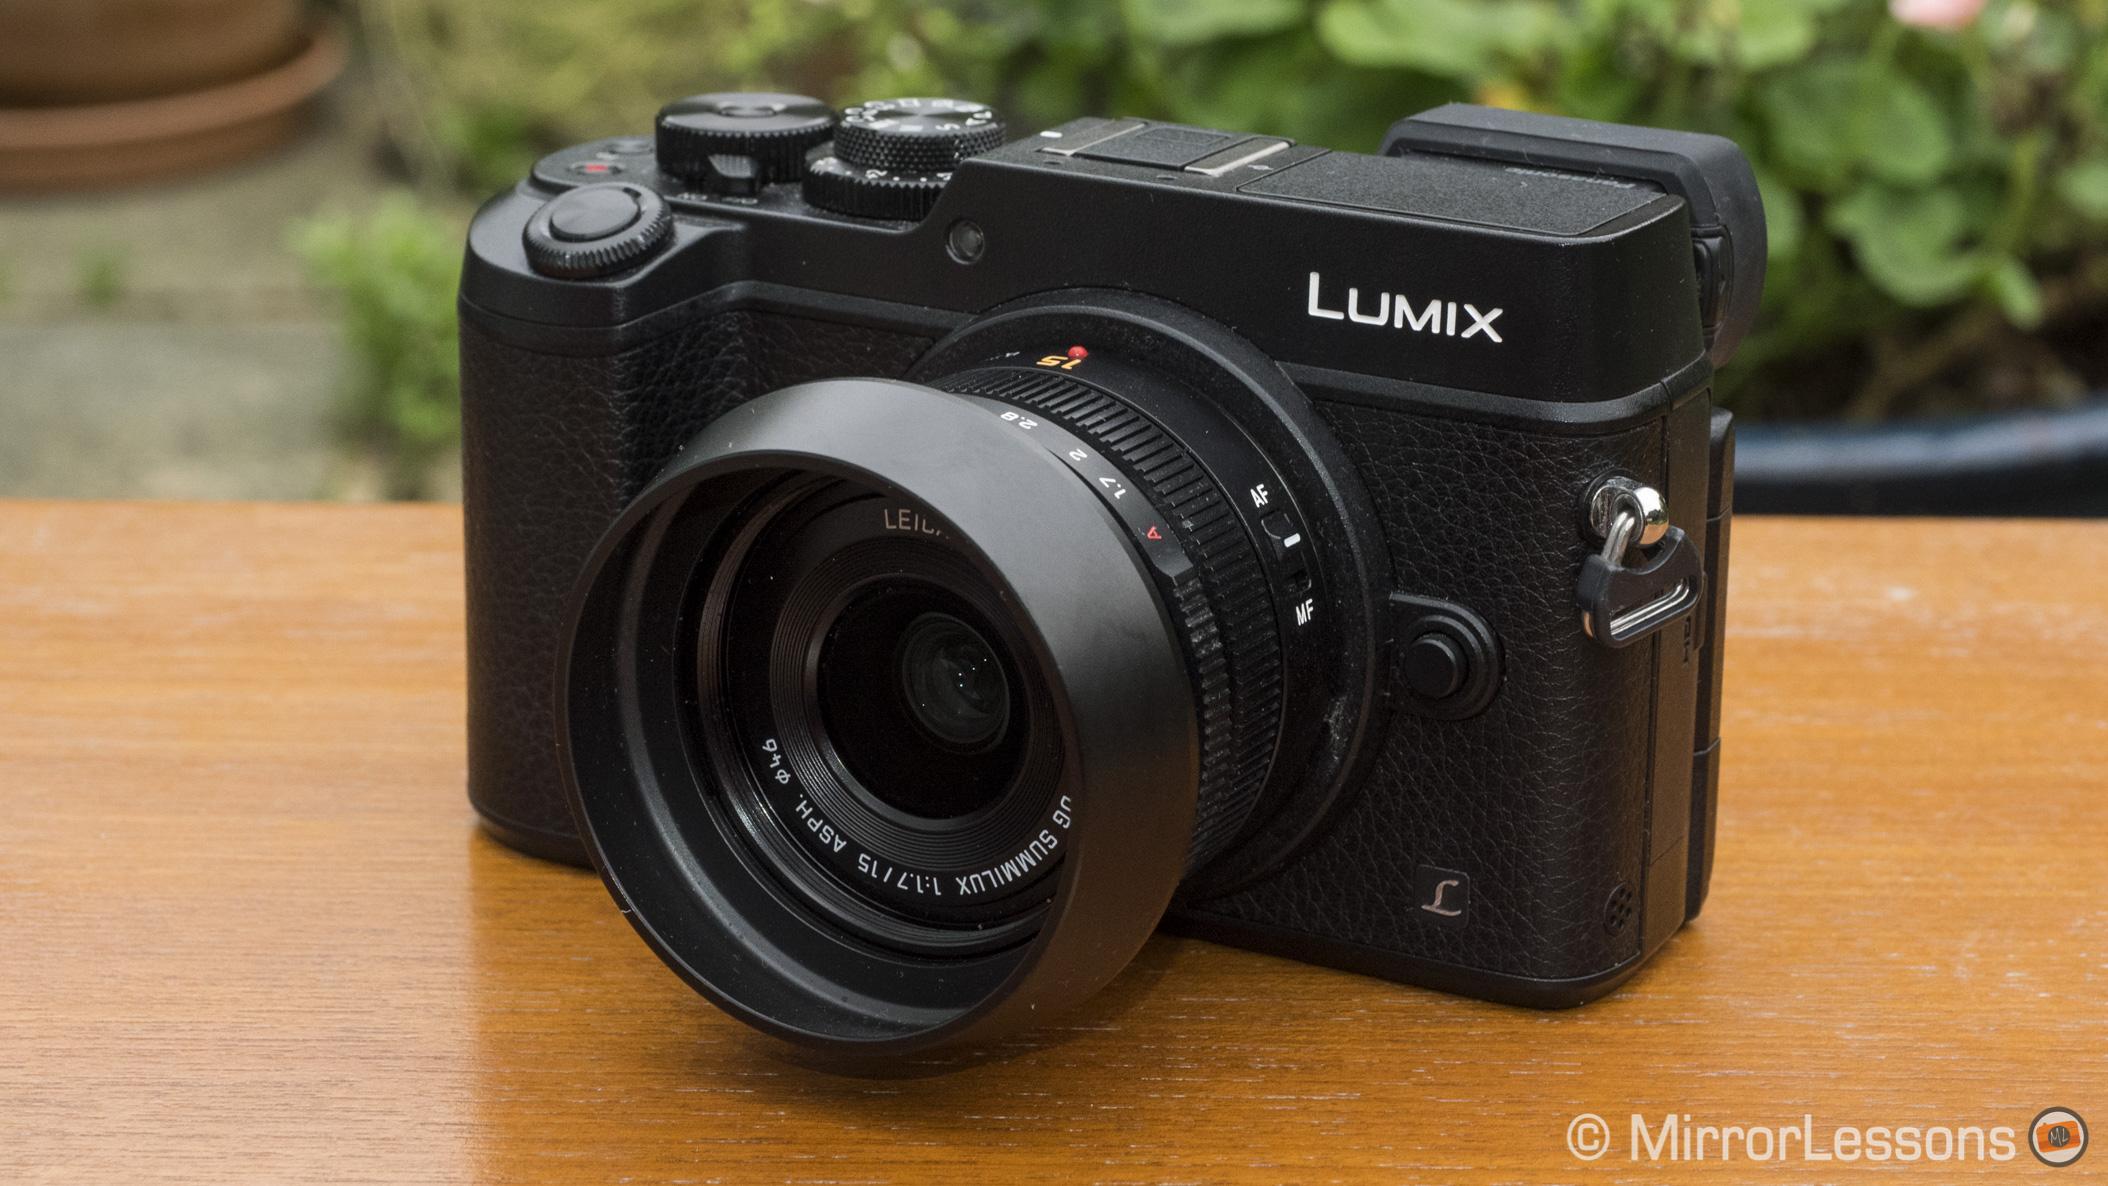 panasonic lumix camera reviews